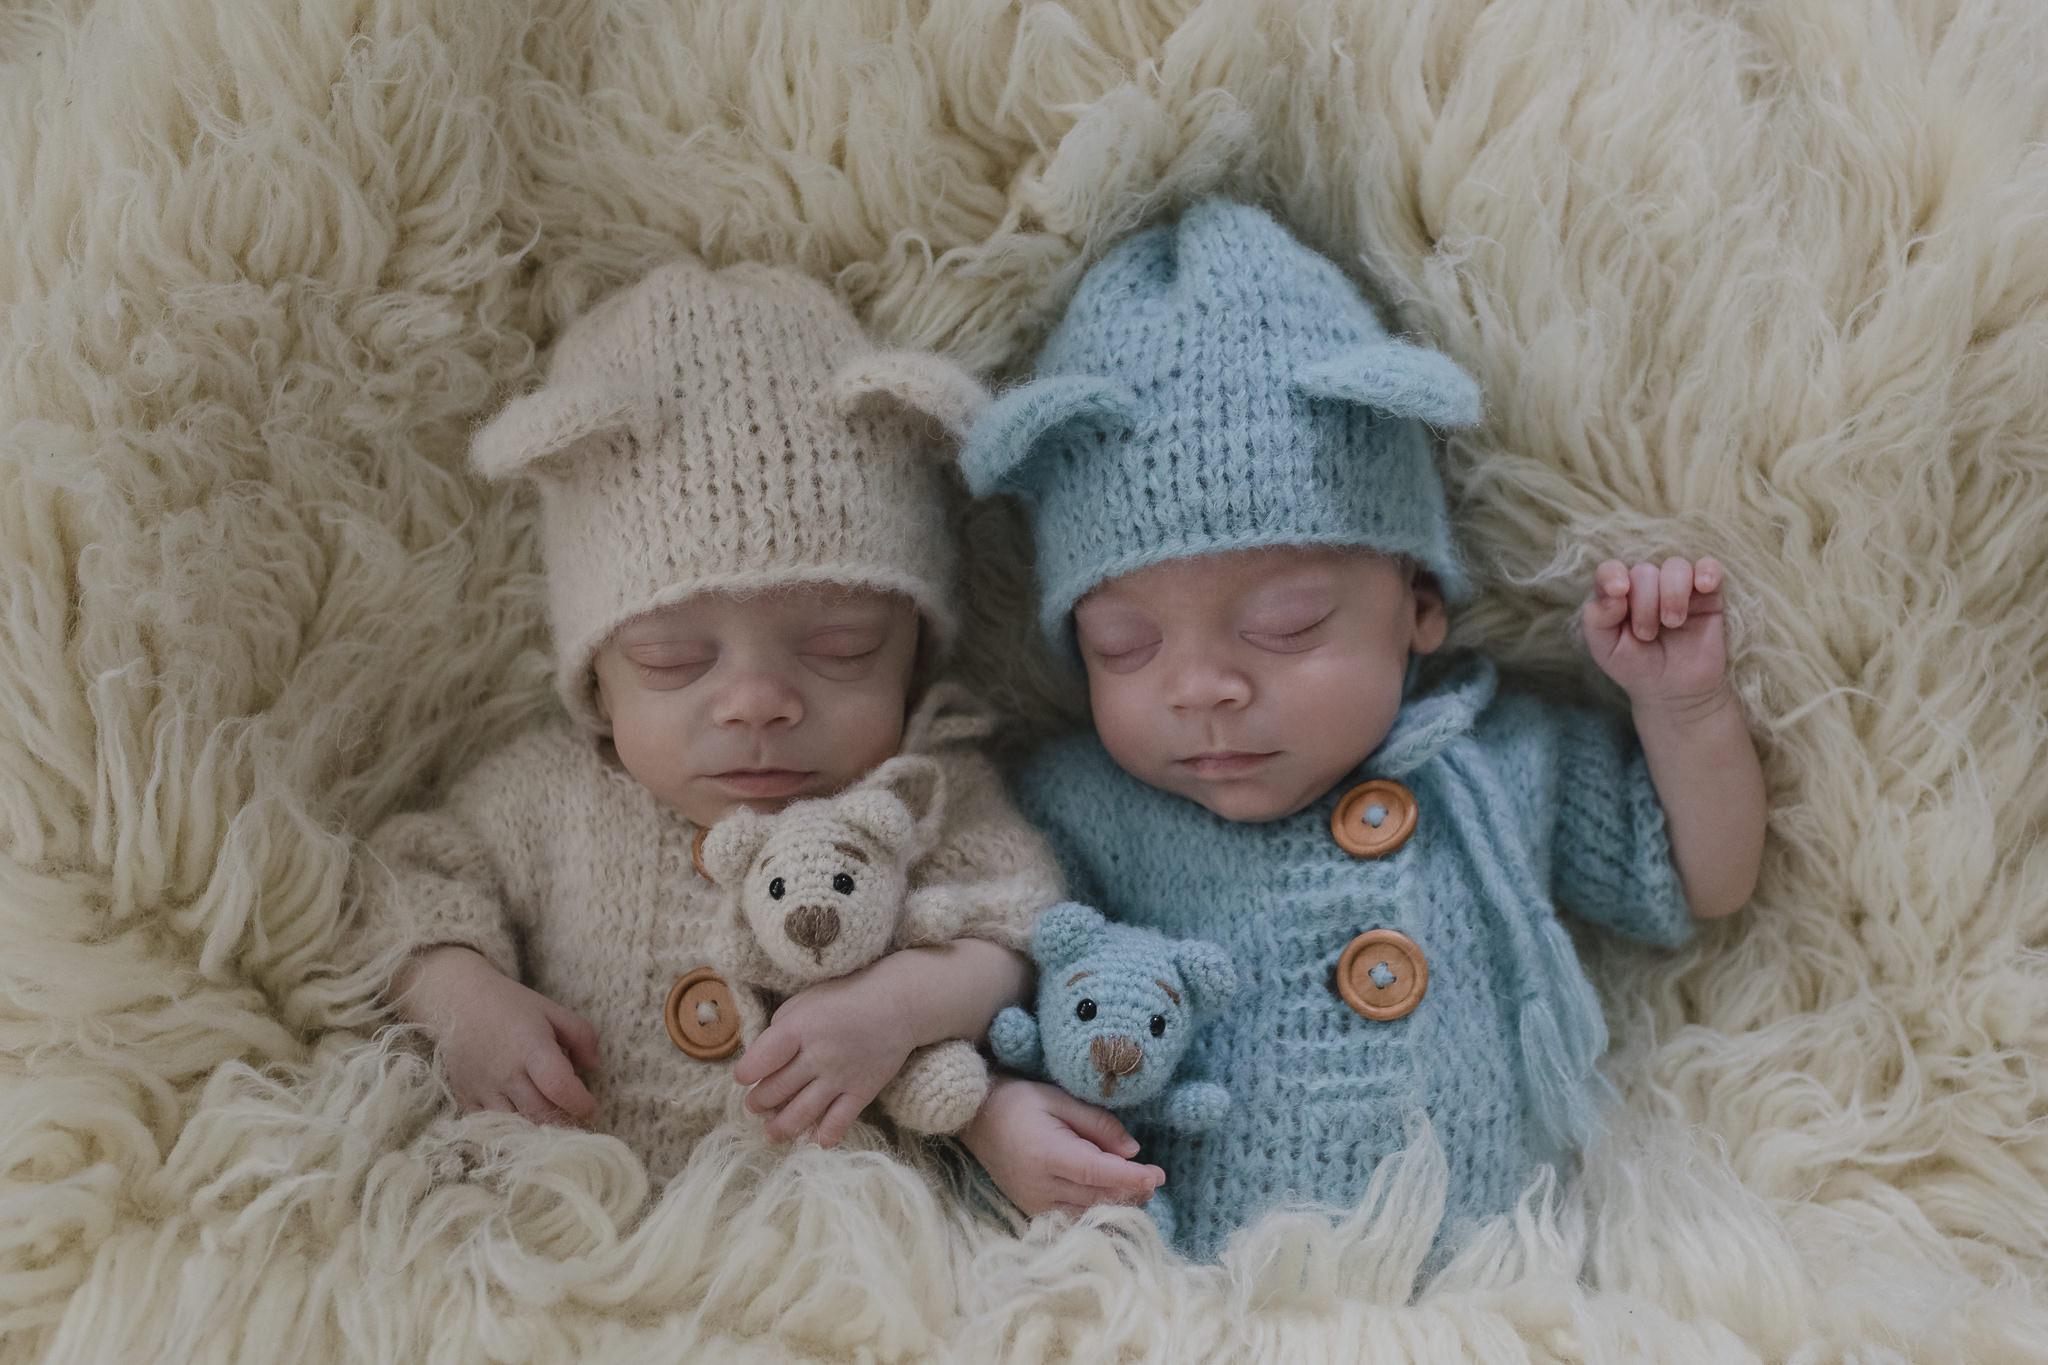 Babyfotograf Hamburg - Zwillinge liegend schlafend auf Flokati mit Bärchen im Arm